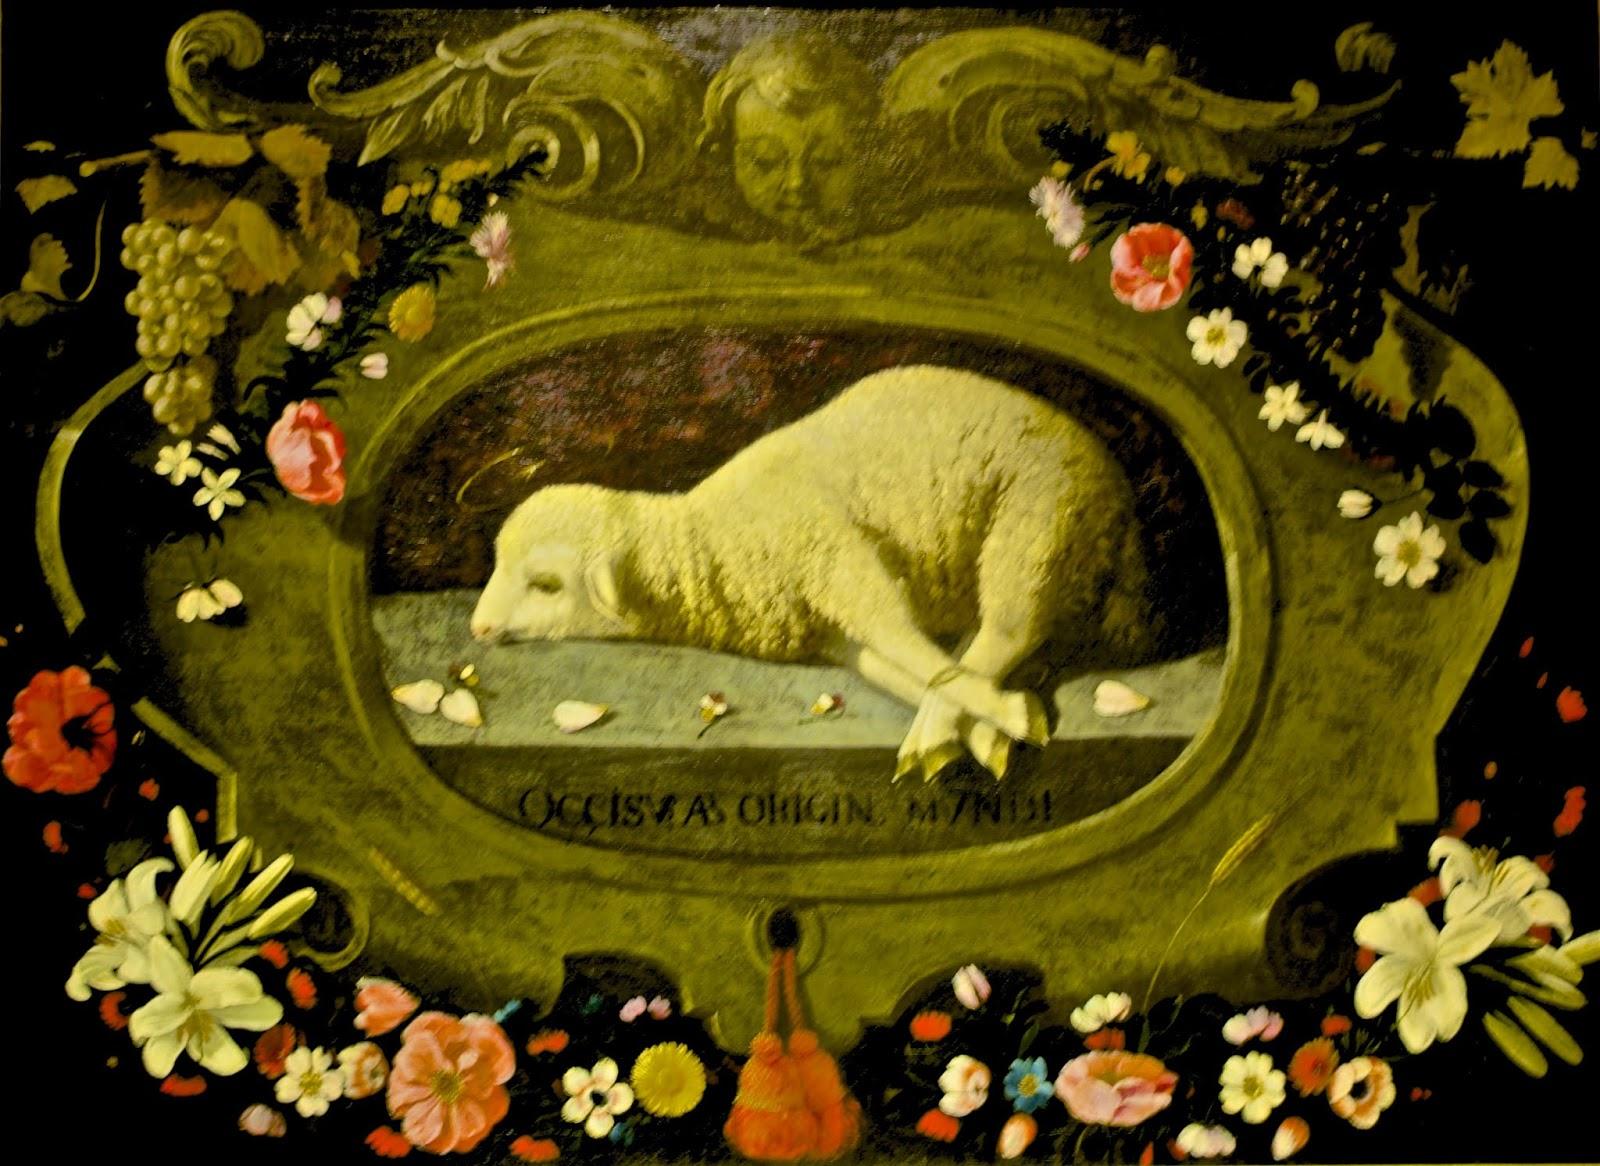 Agnus Dei, o cordeiro de Deus, do Museu Nacional de Arte Antiga em Lisboa, Portugal, ilustra este post sobre o Shijing, o Livro das Canções.